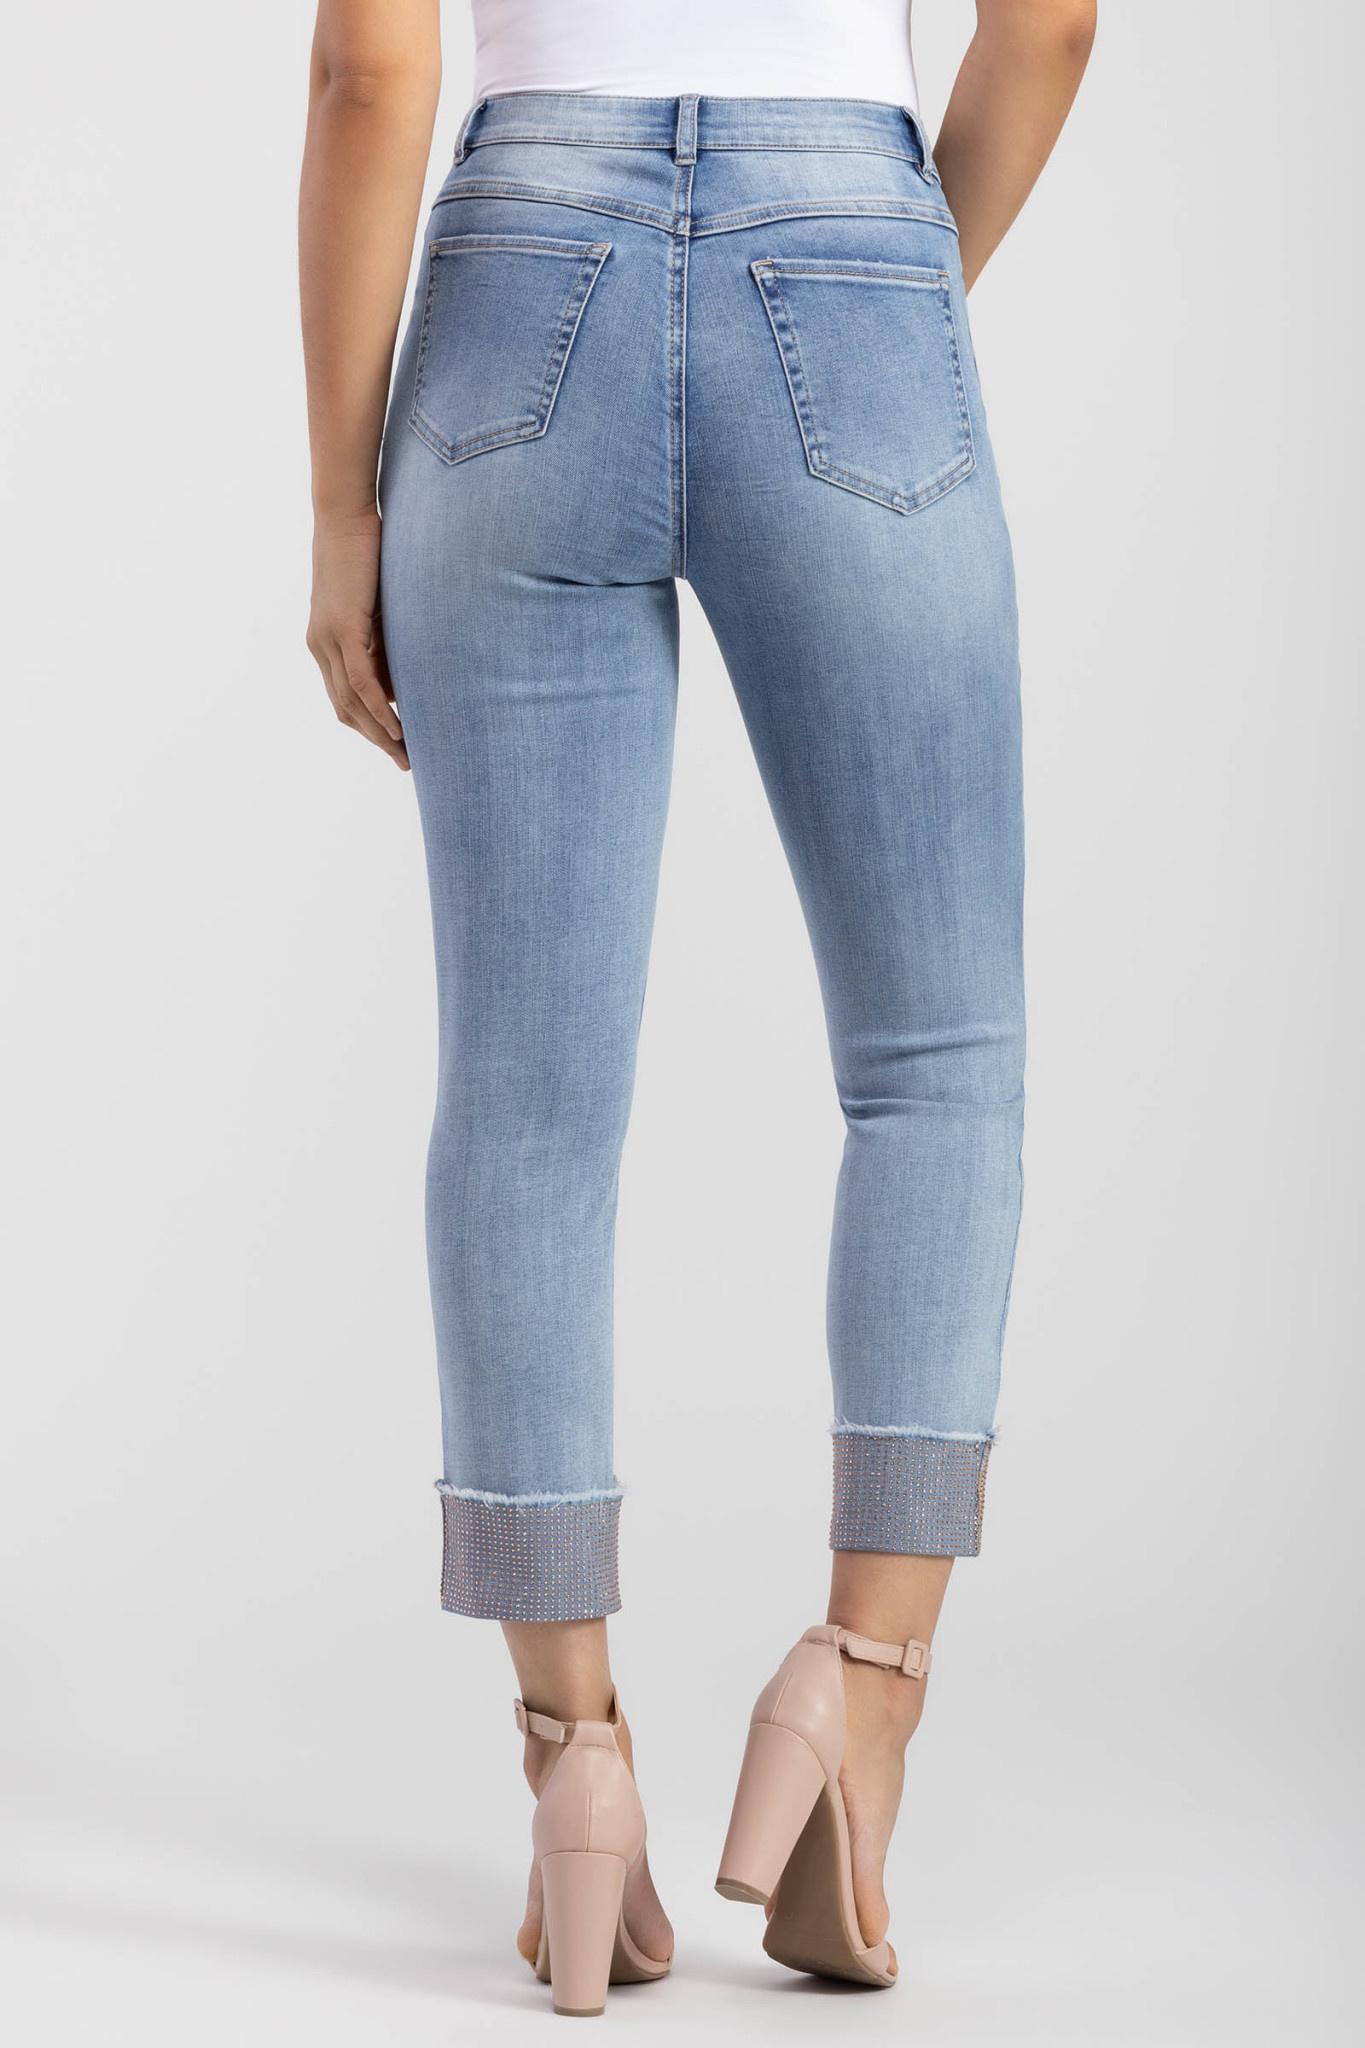 Rhinestone Cuff Jeans